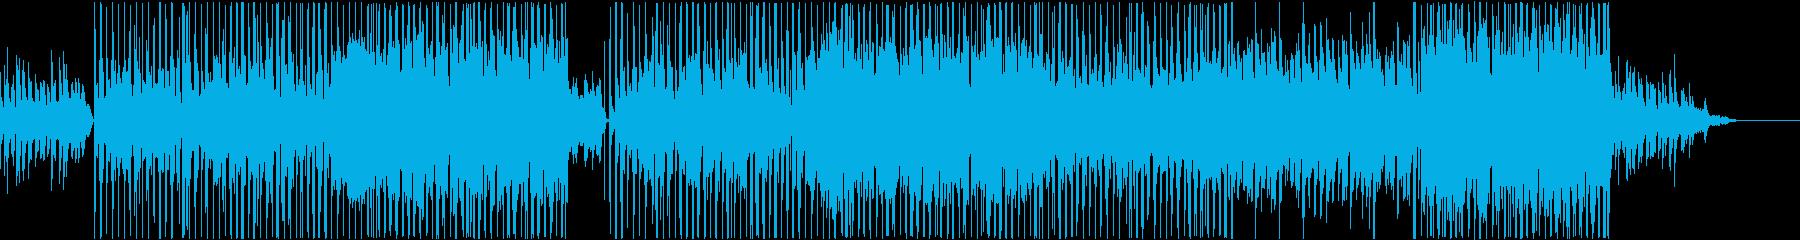 piano旋律が印象的なR&B風バラードの再生済みの波形